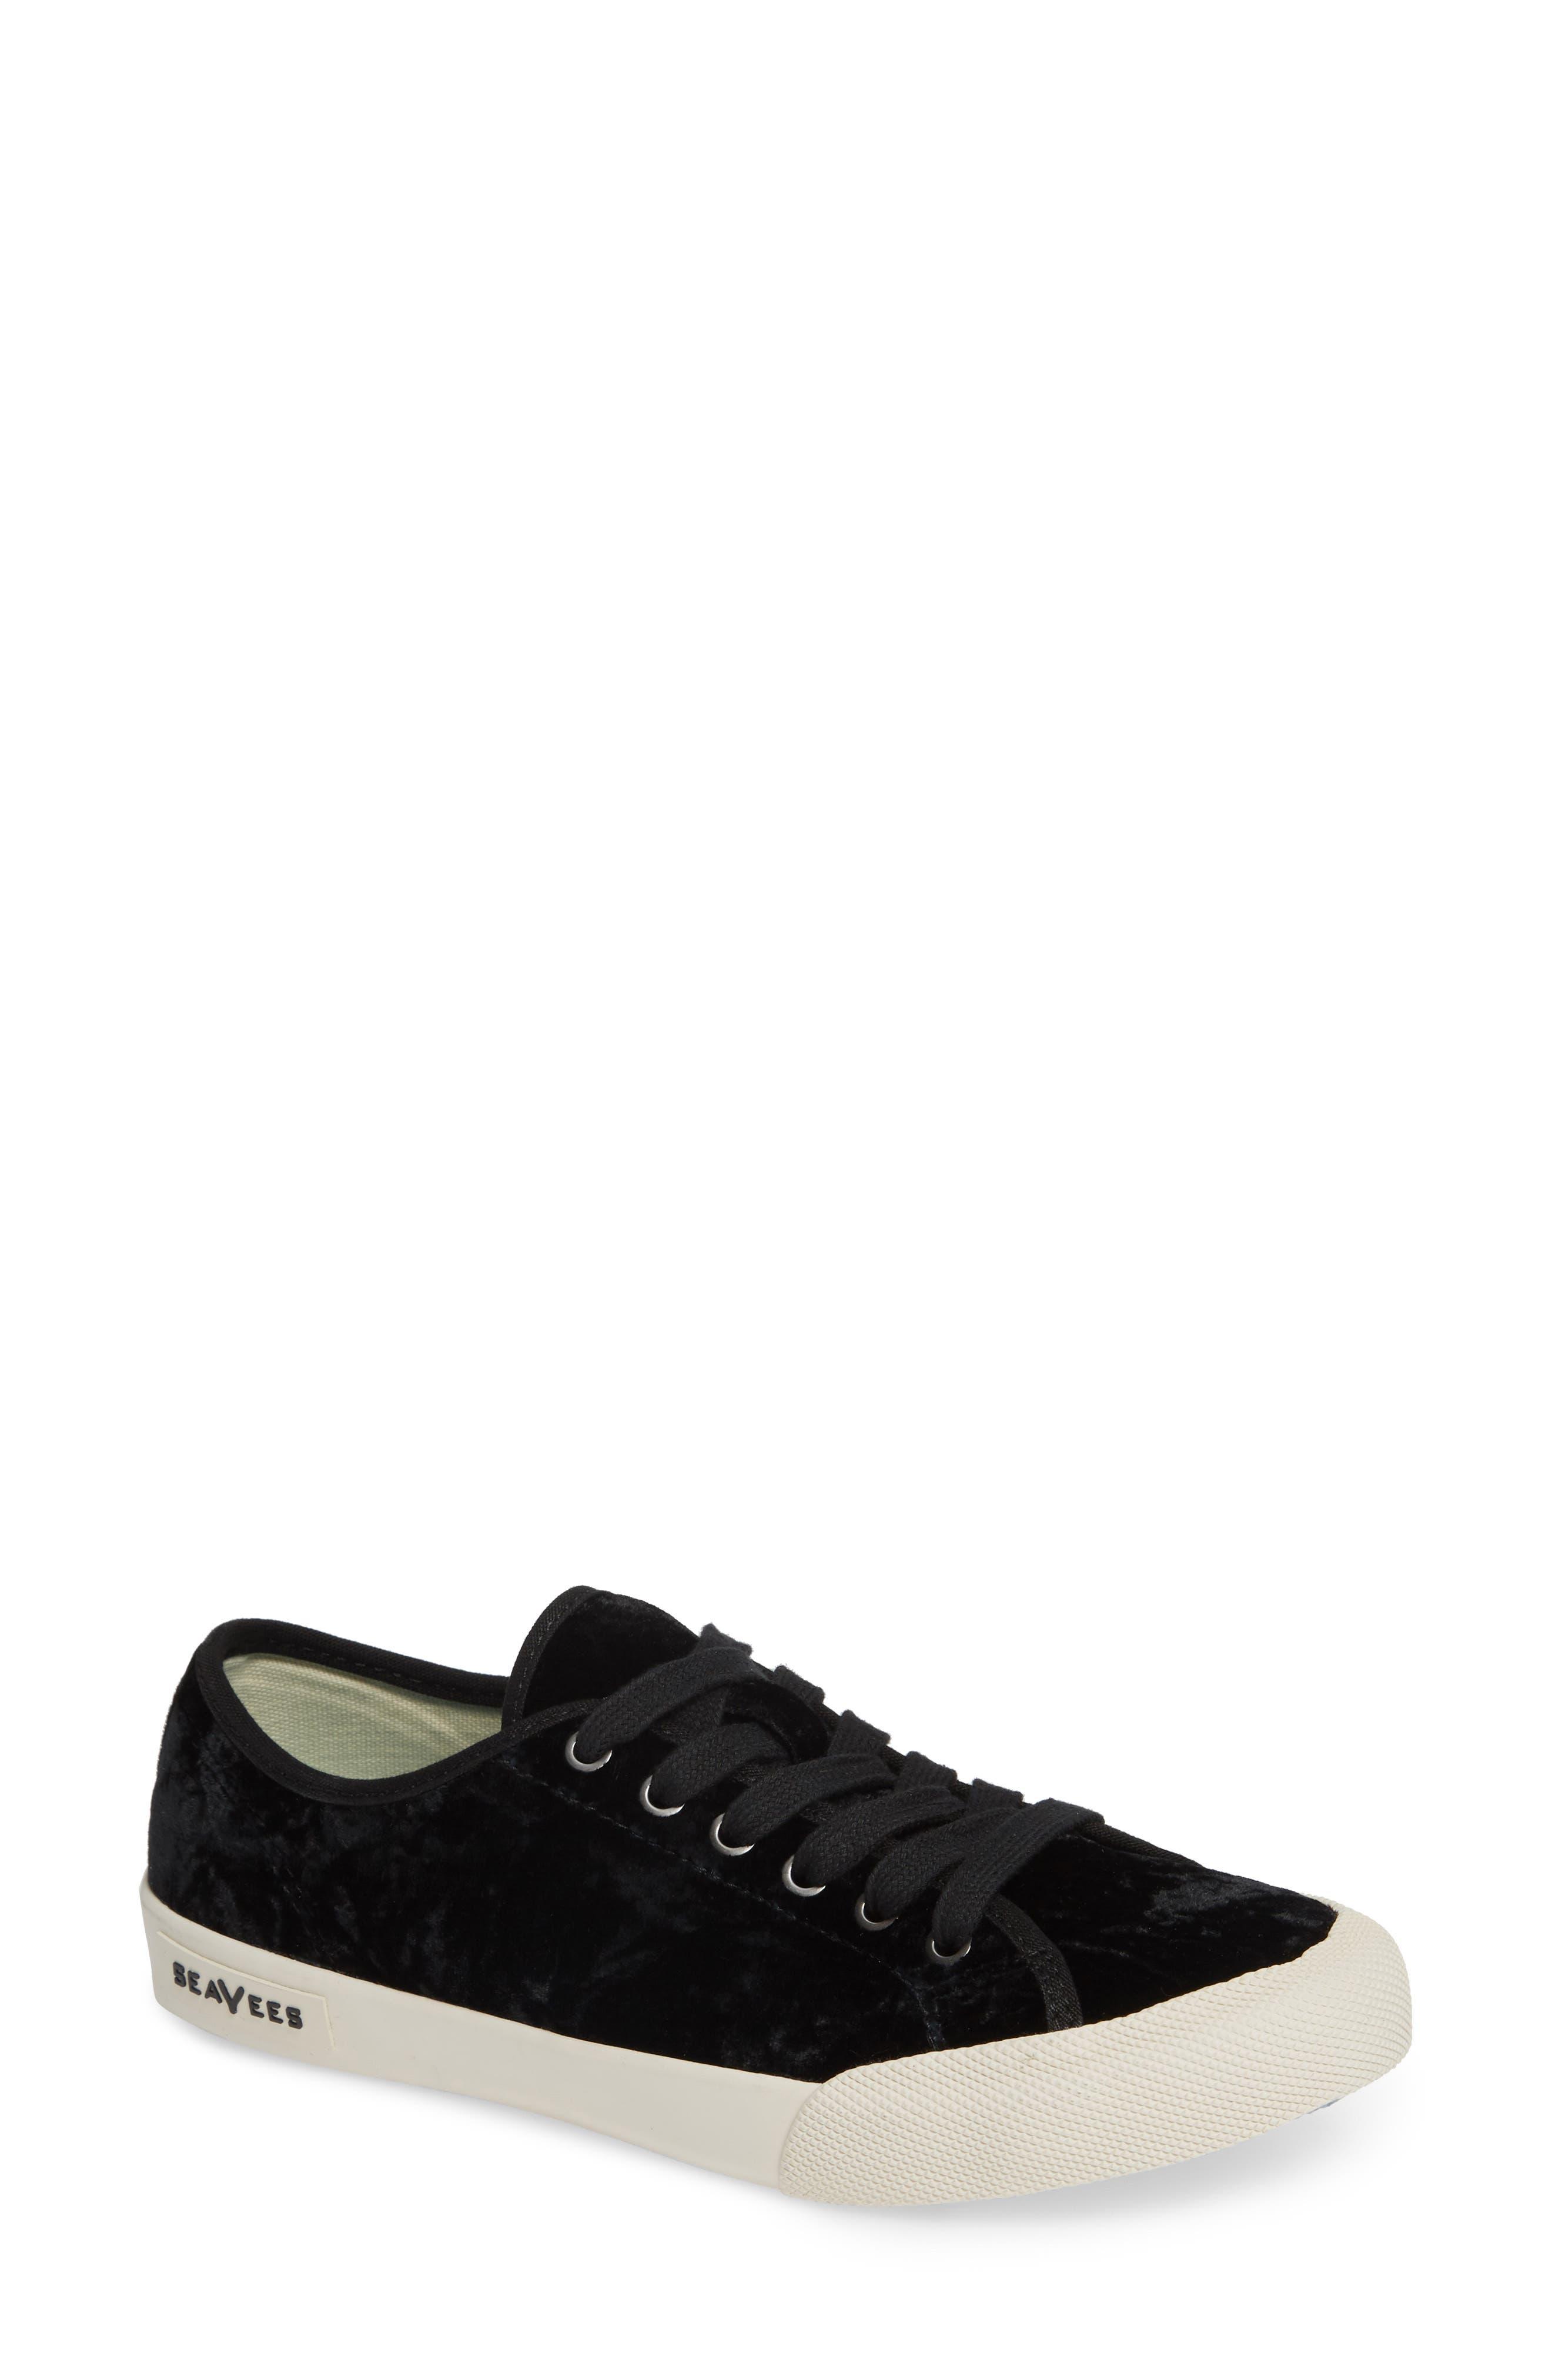 SEAVEES Monterey Crush Sneaker in Black Velvet